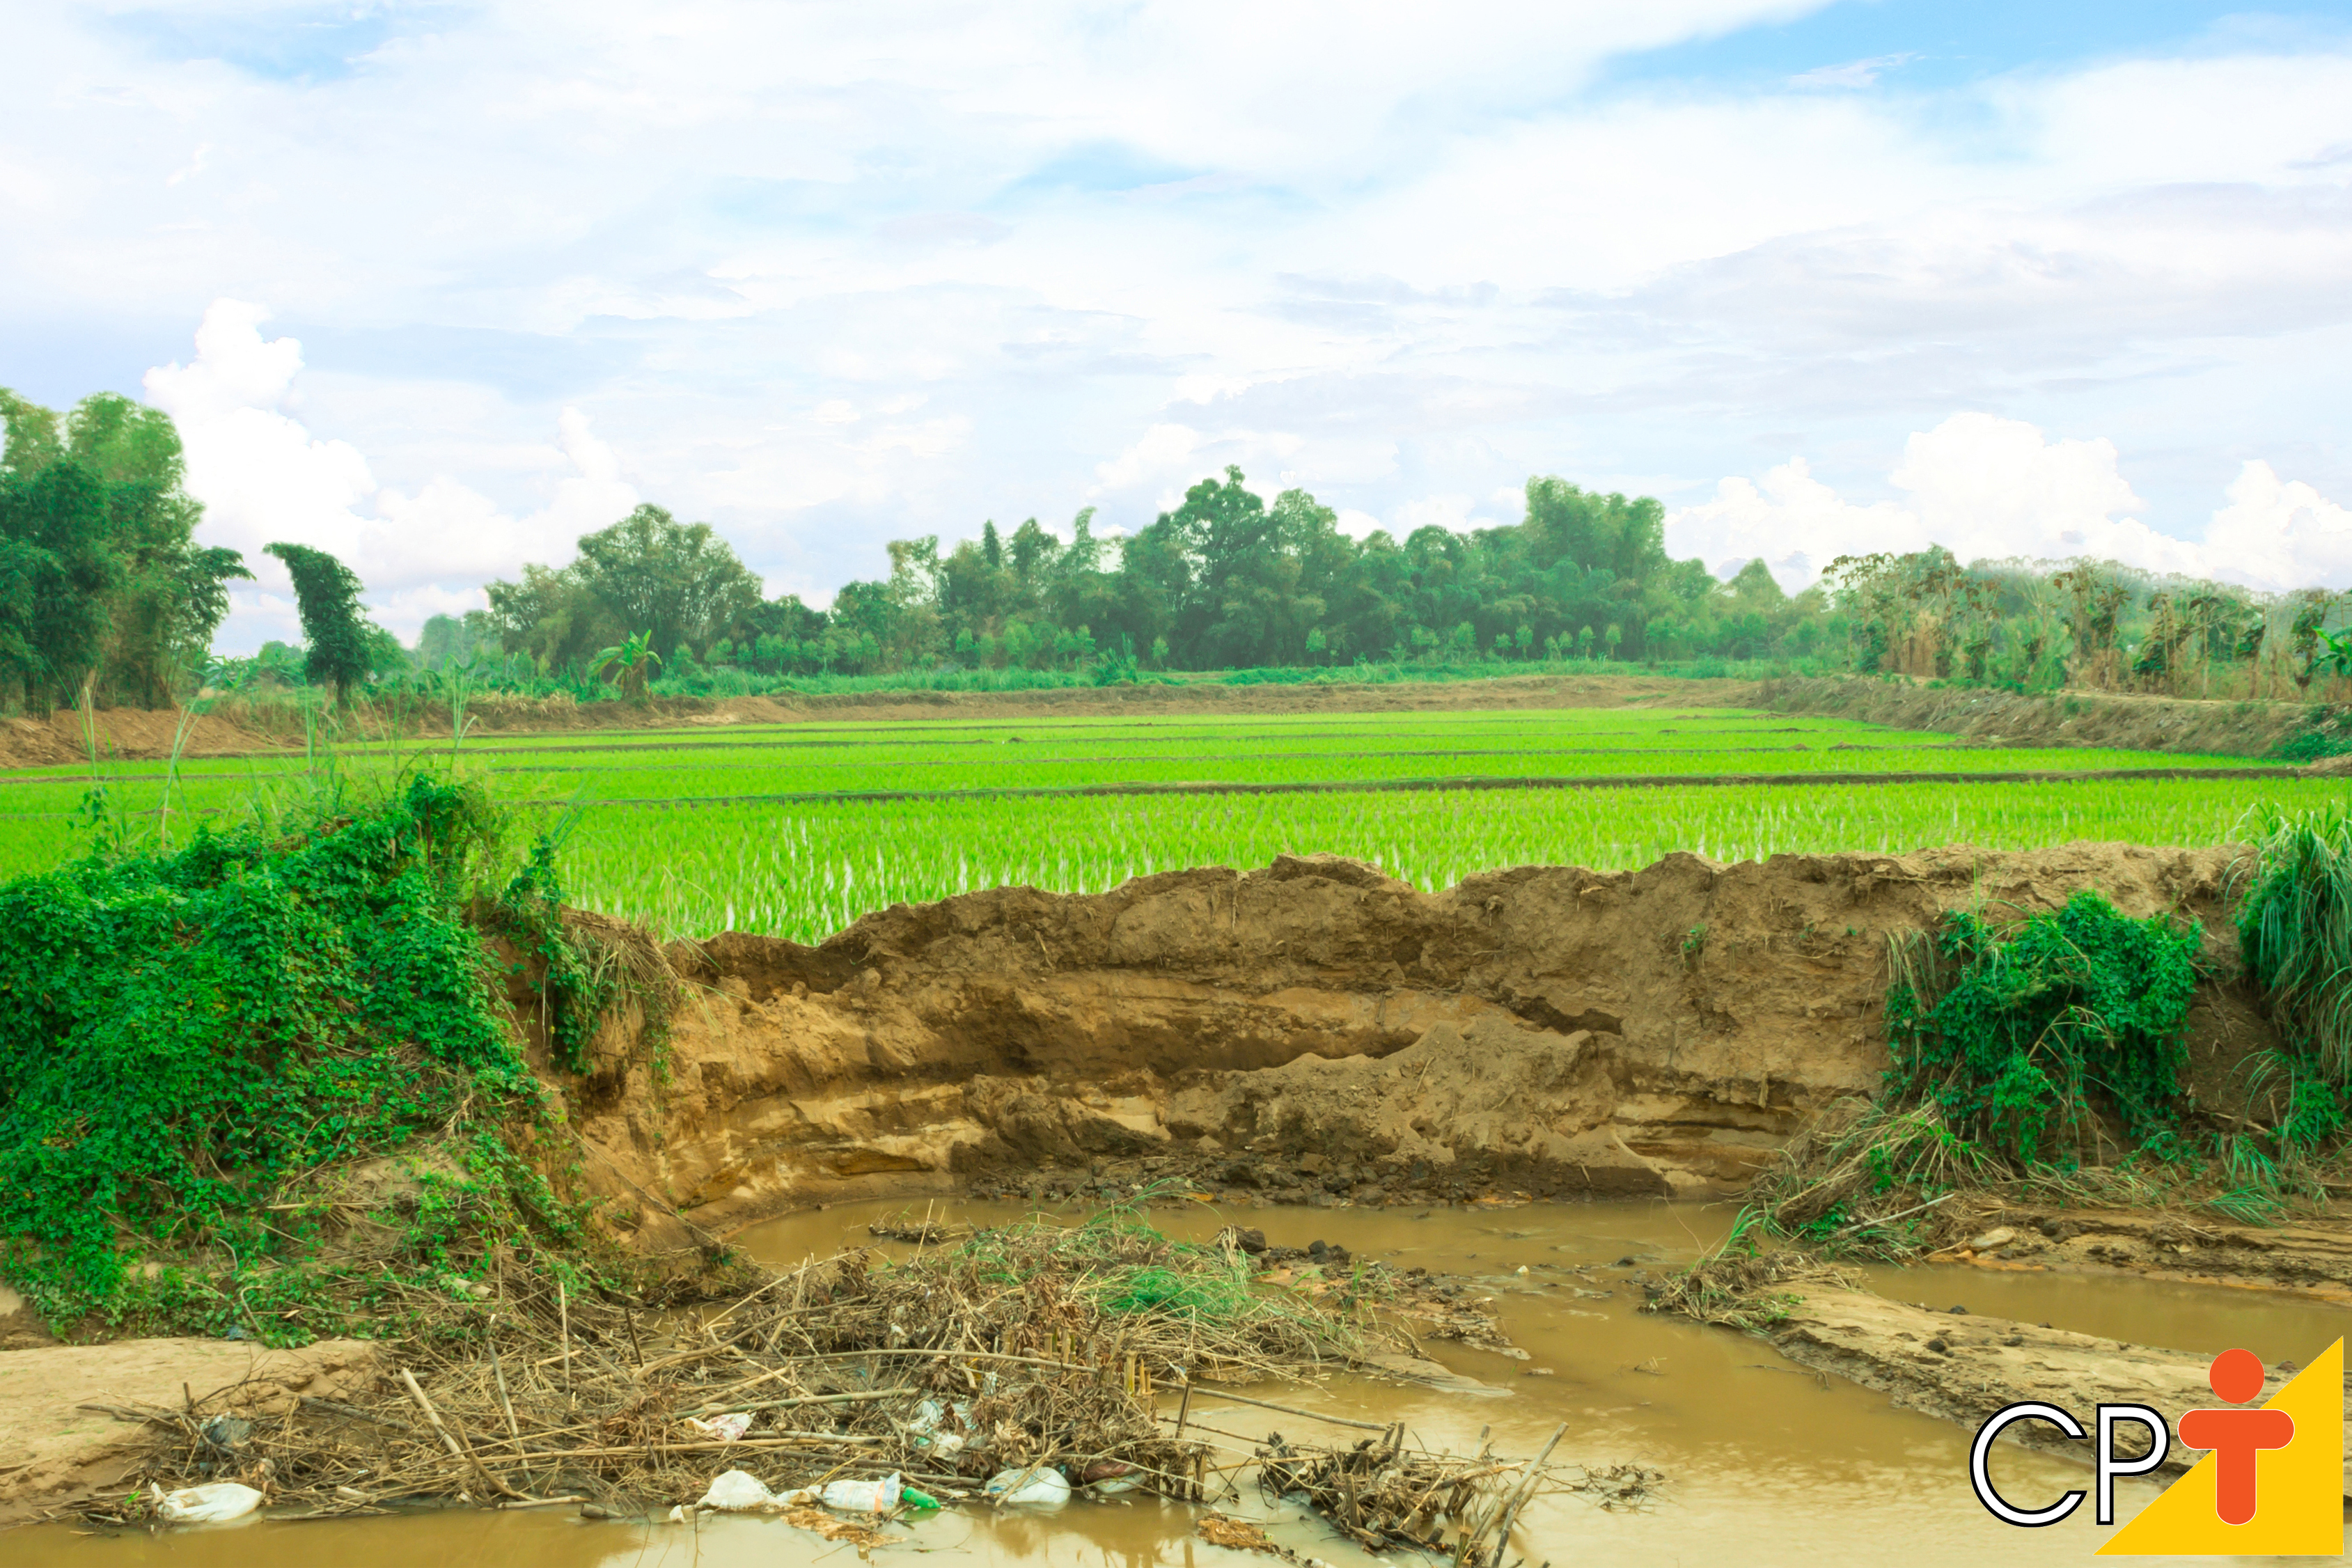 Impacto ambiental - imagem meramente ilustrativa